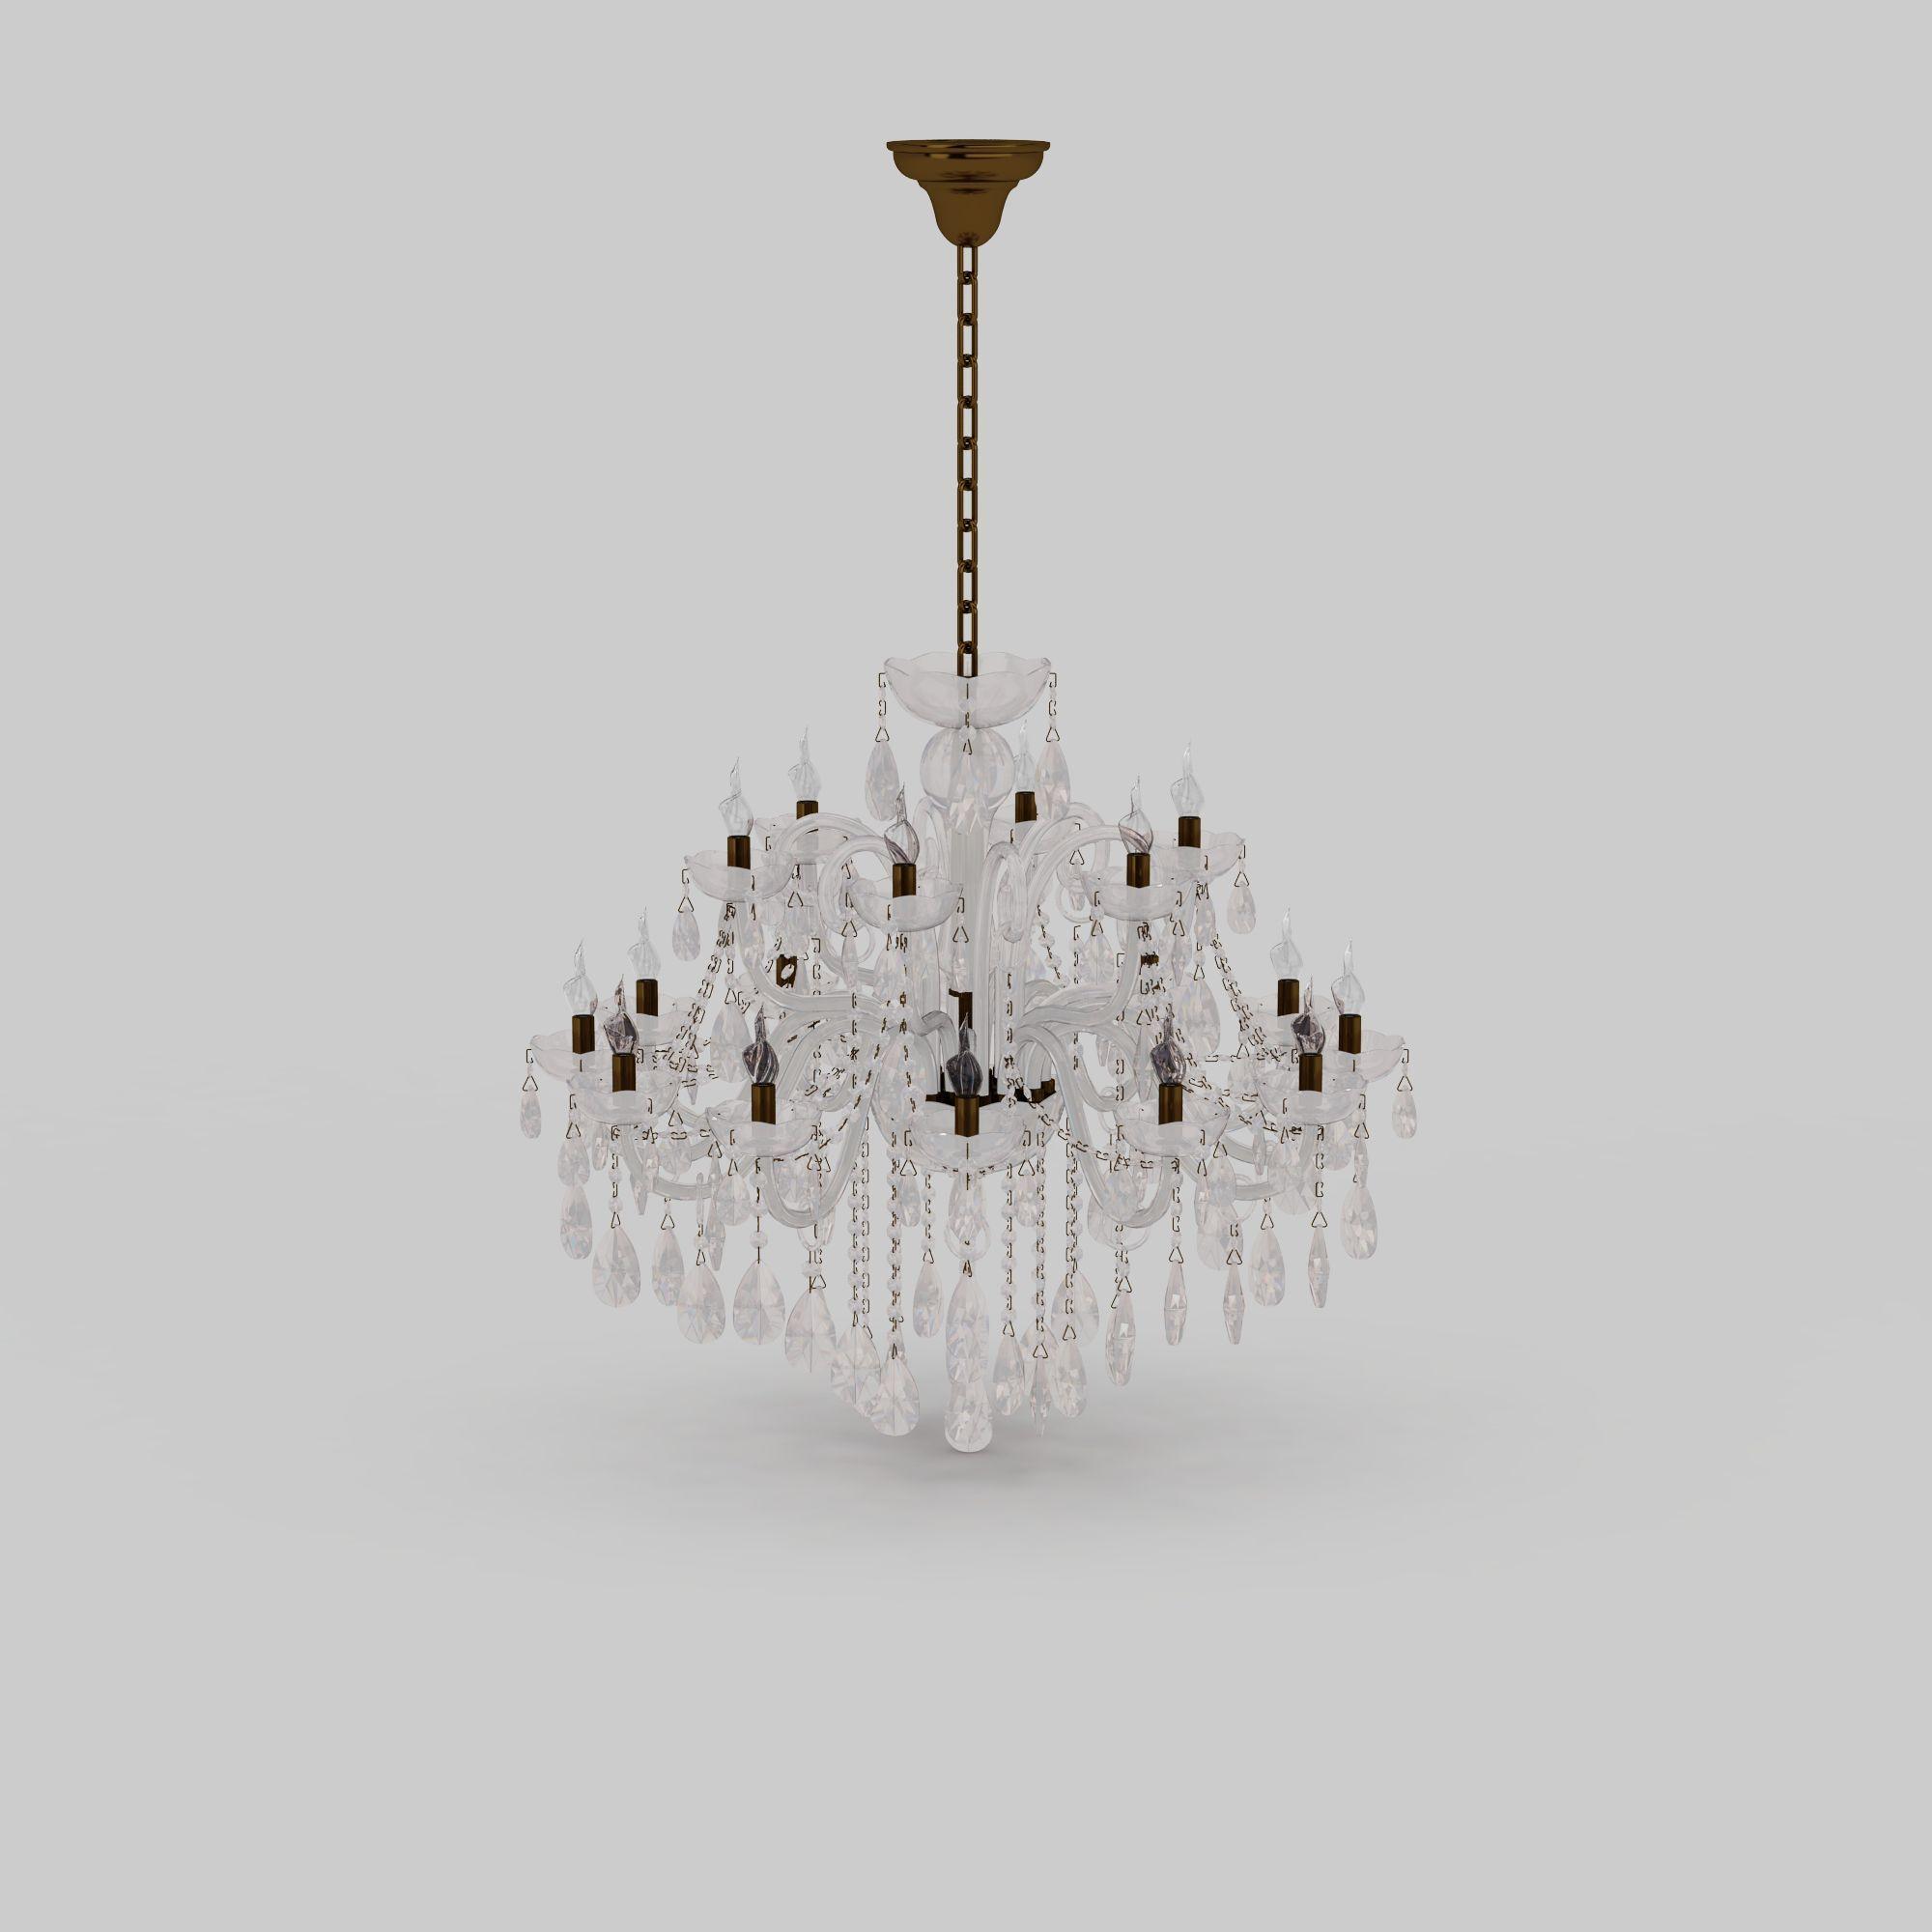 水晶吊灯高清图下载